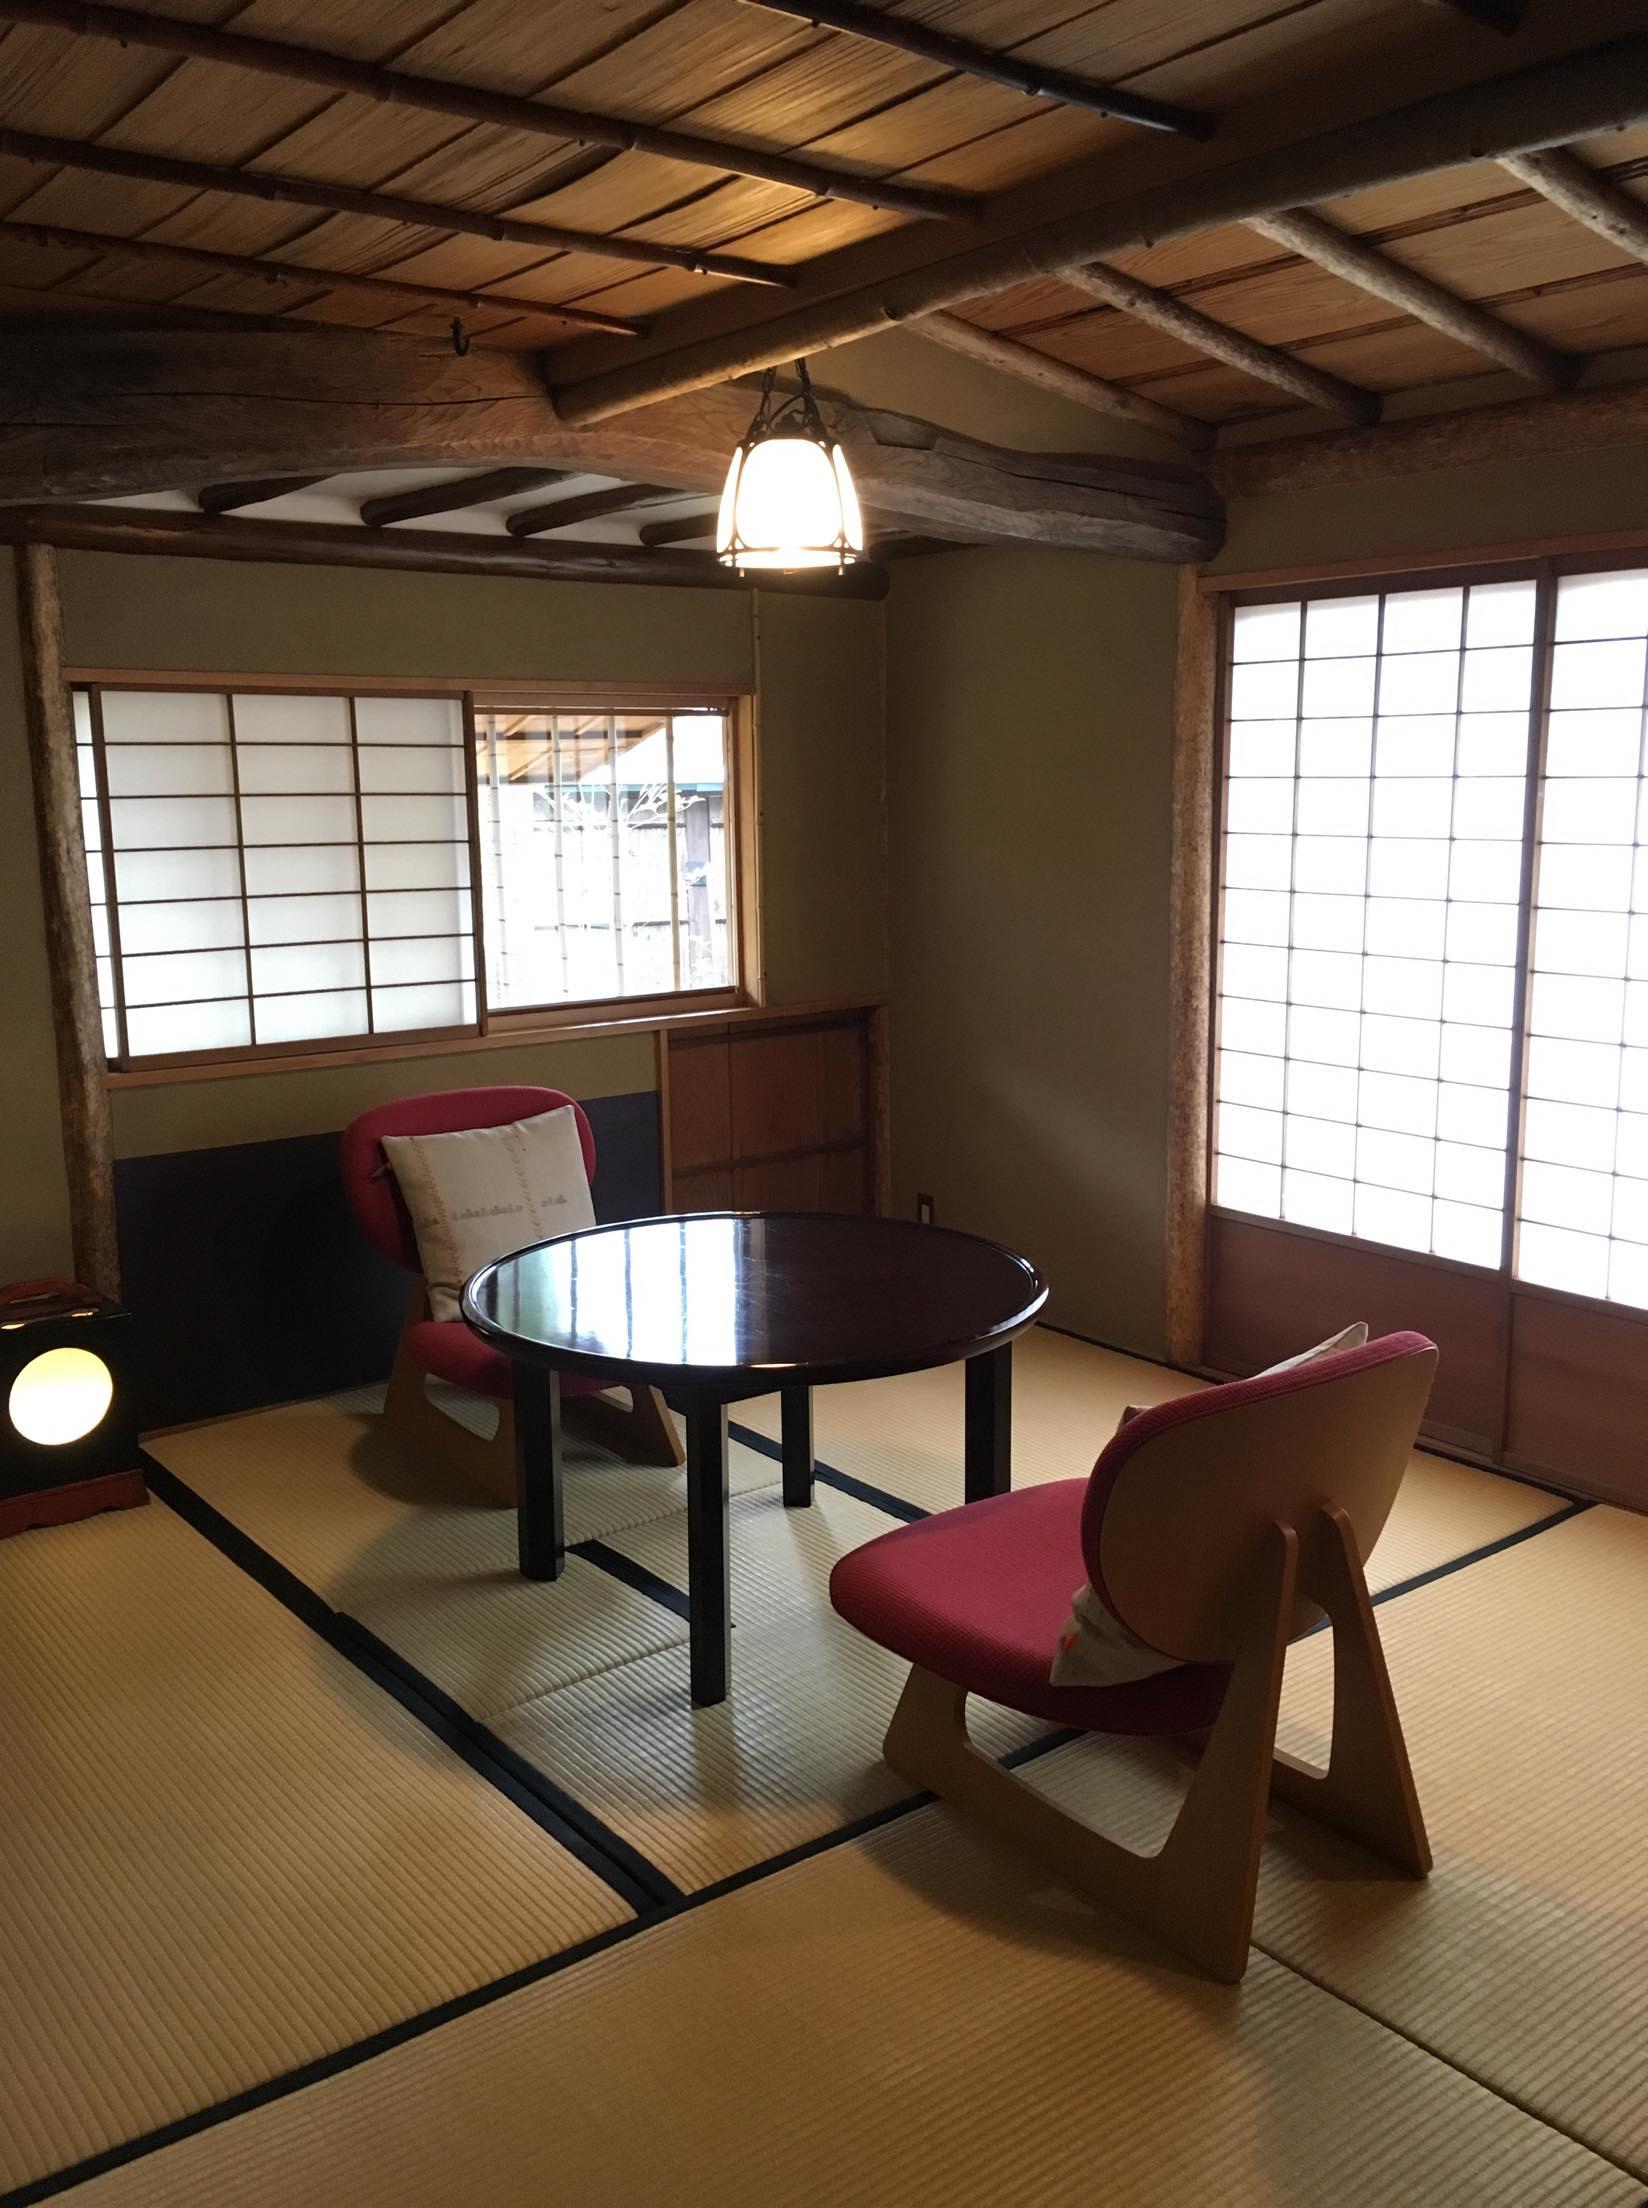 山莊無量塔「樂(Raku)」房型的專屬用餐空間